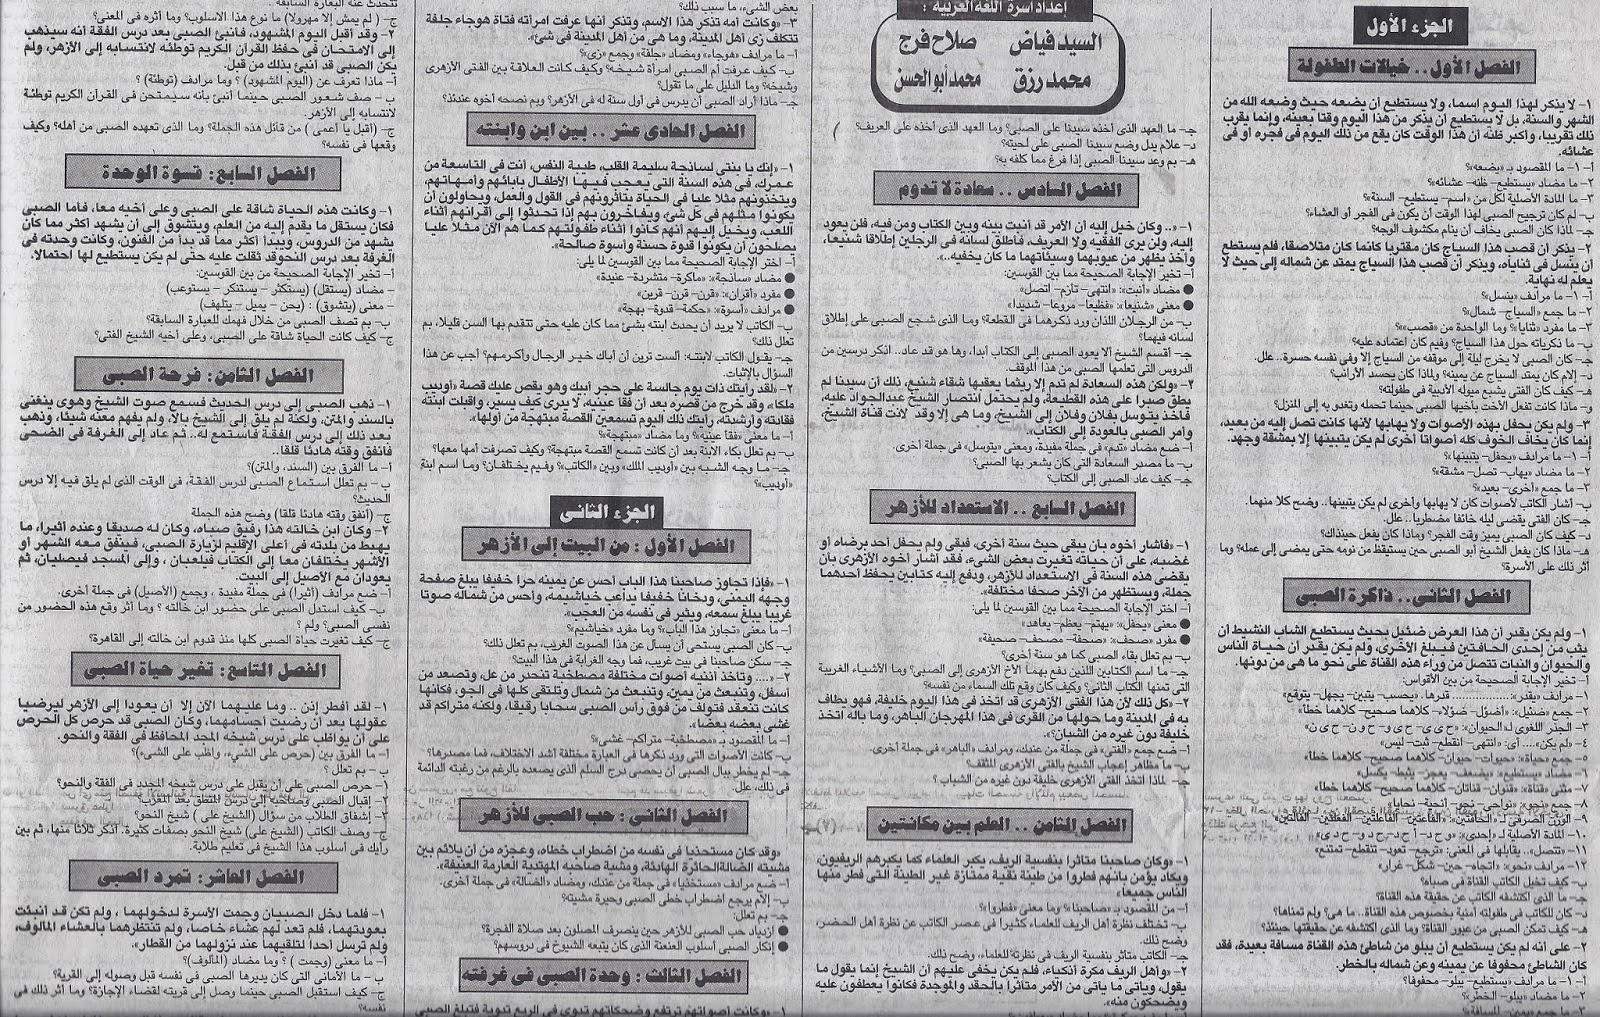 ملحق الجهورية التعليمى 4-2-2014 ينشر اهم نقاط قصة الايام فى ملخص رائع س و ج Talem-eg1